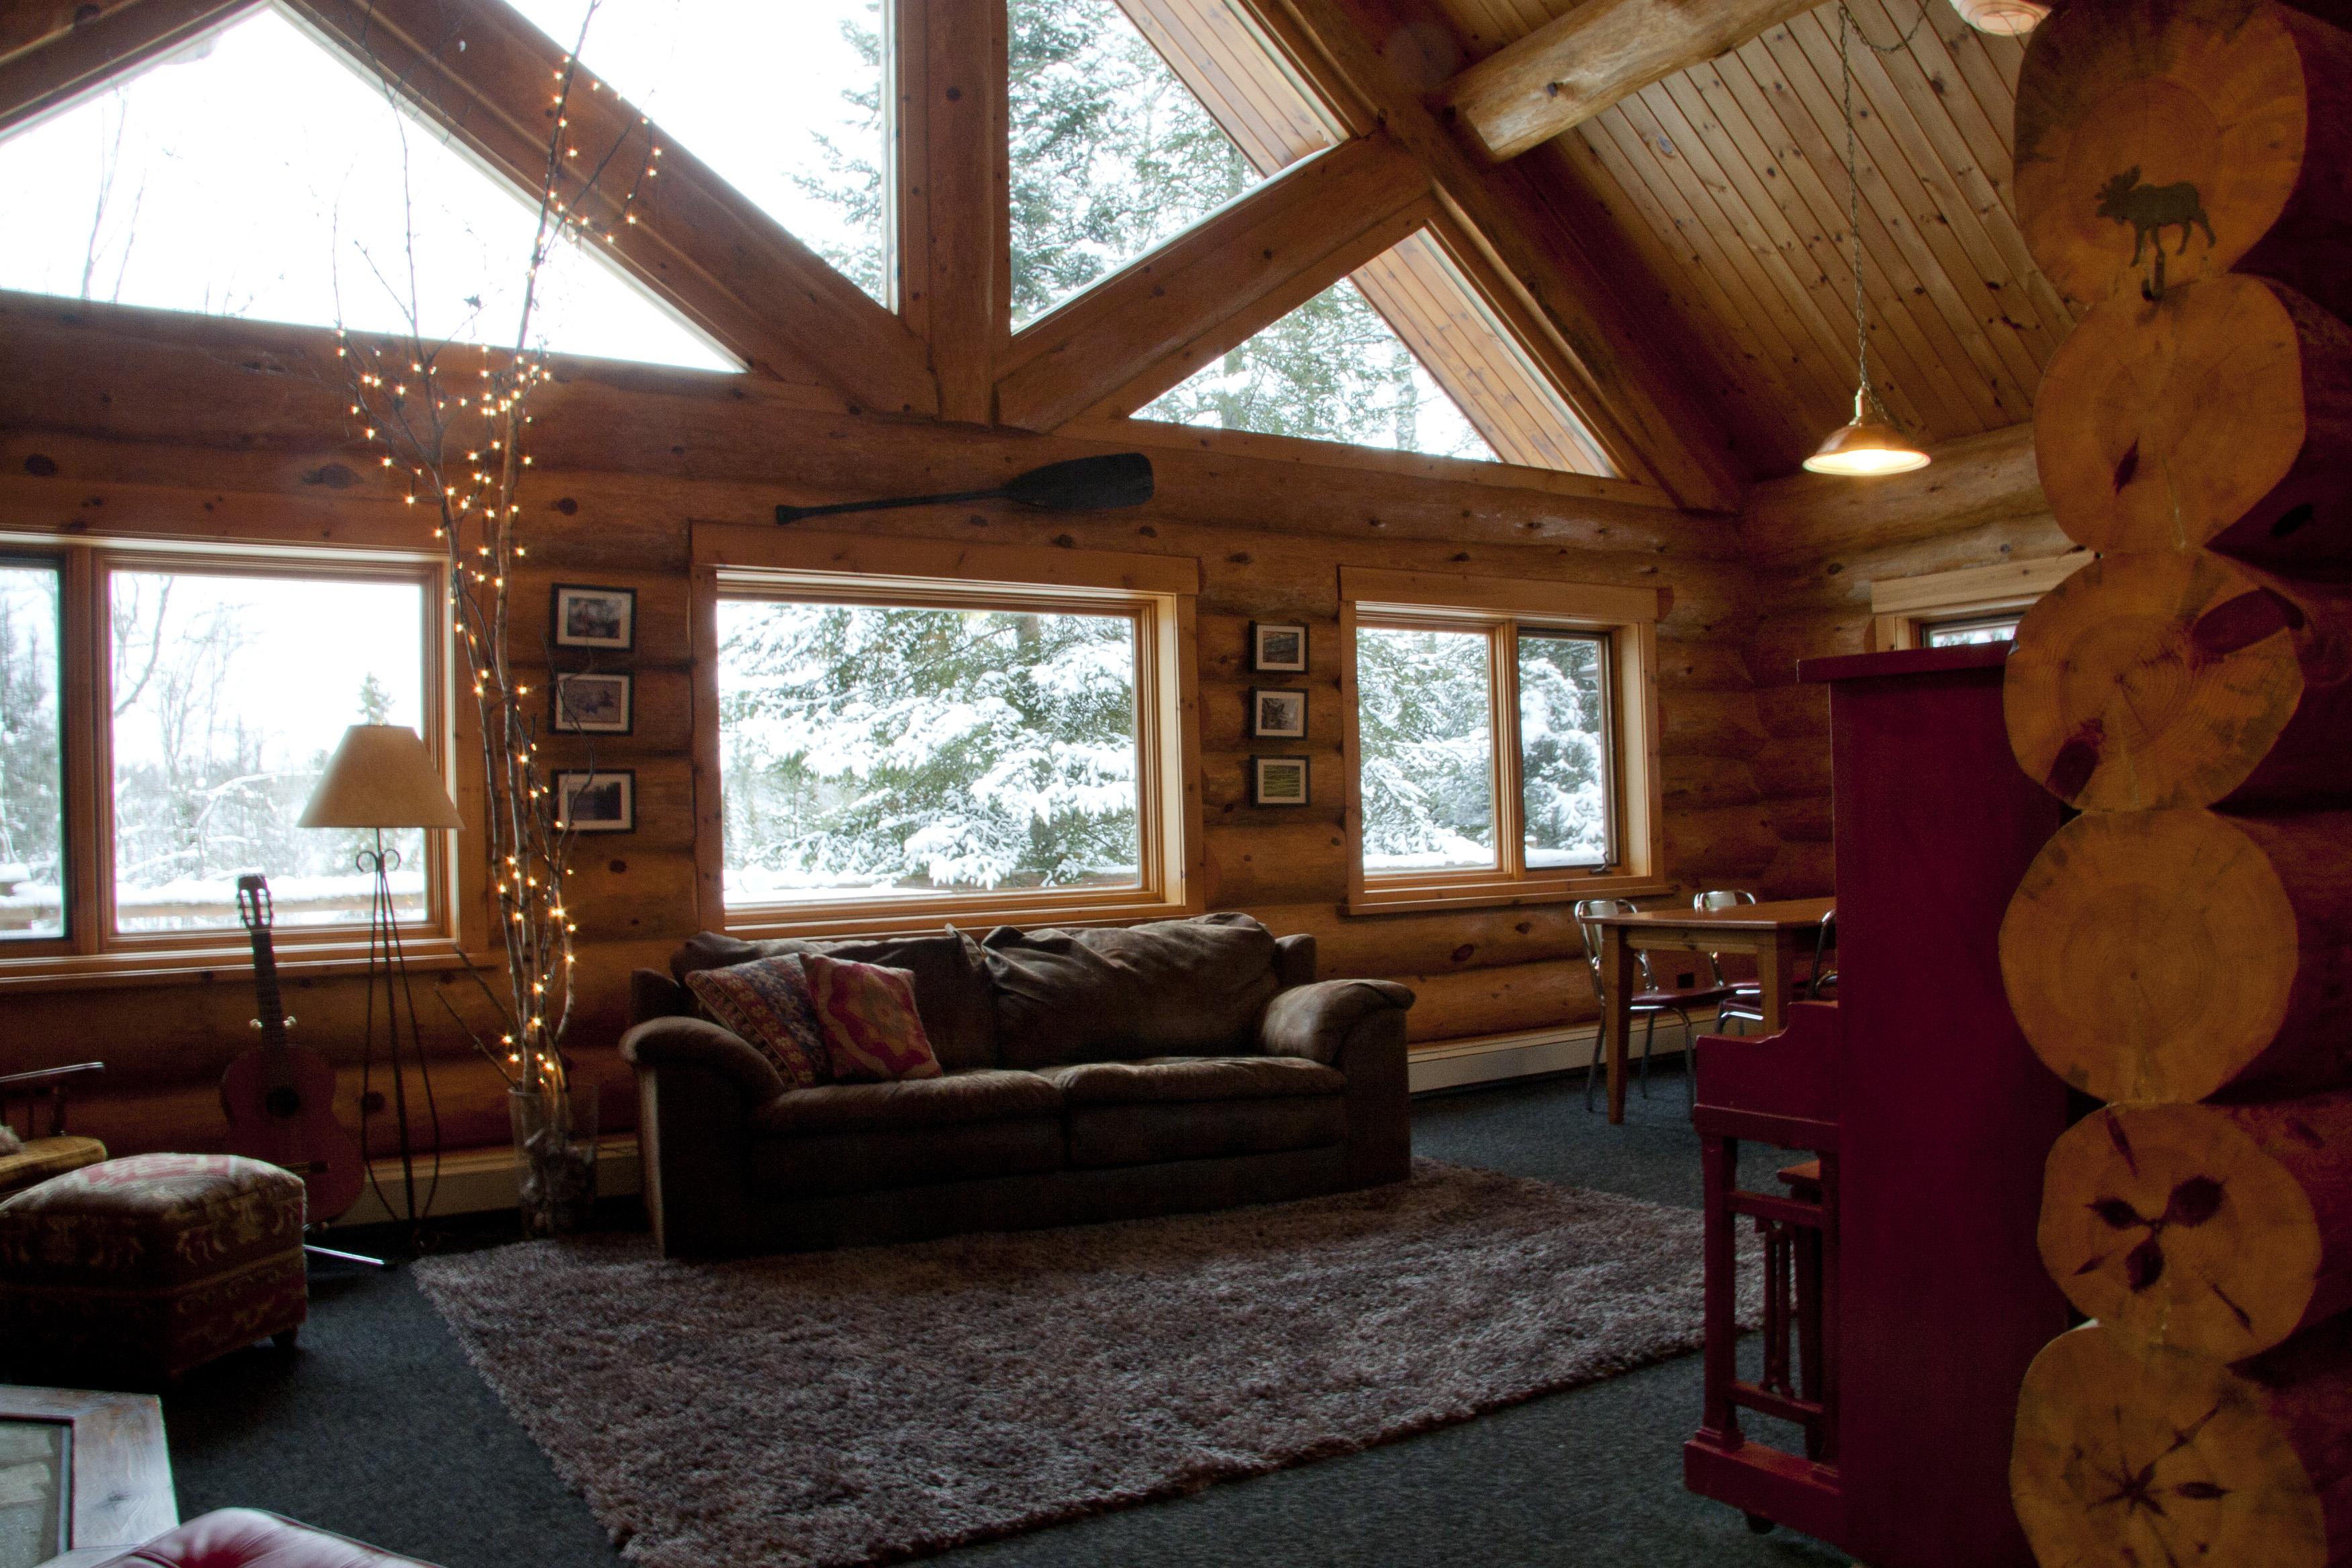 Custom Log Home Interior Photos Ely Log Home For Sale